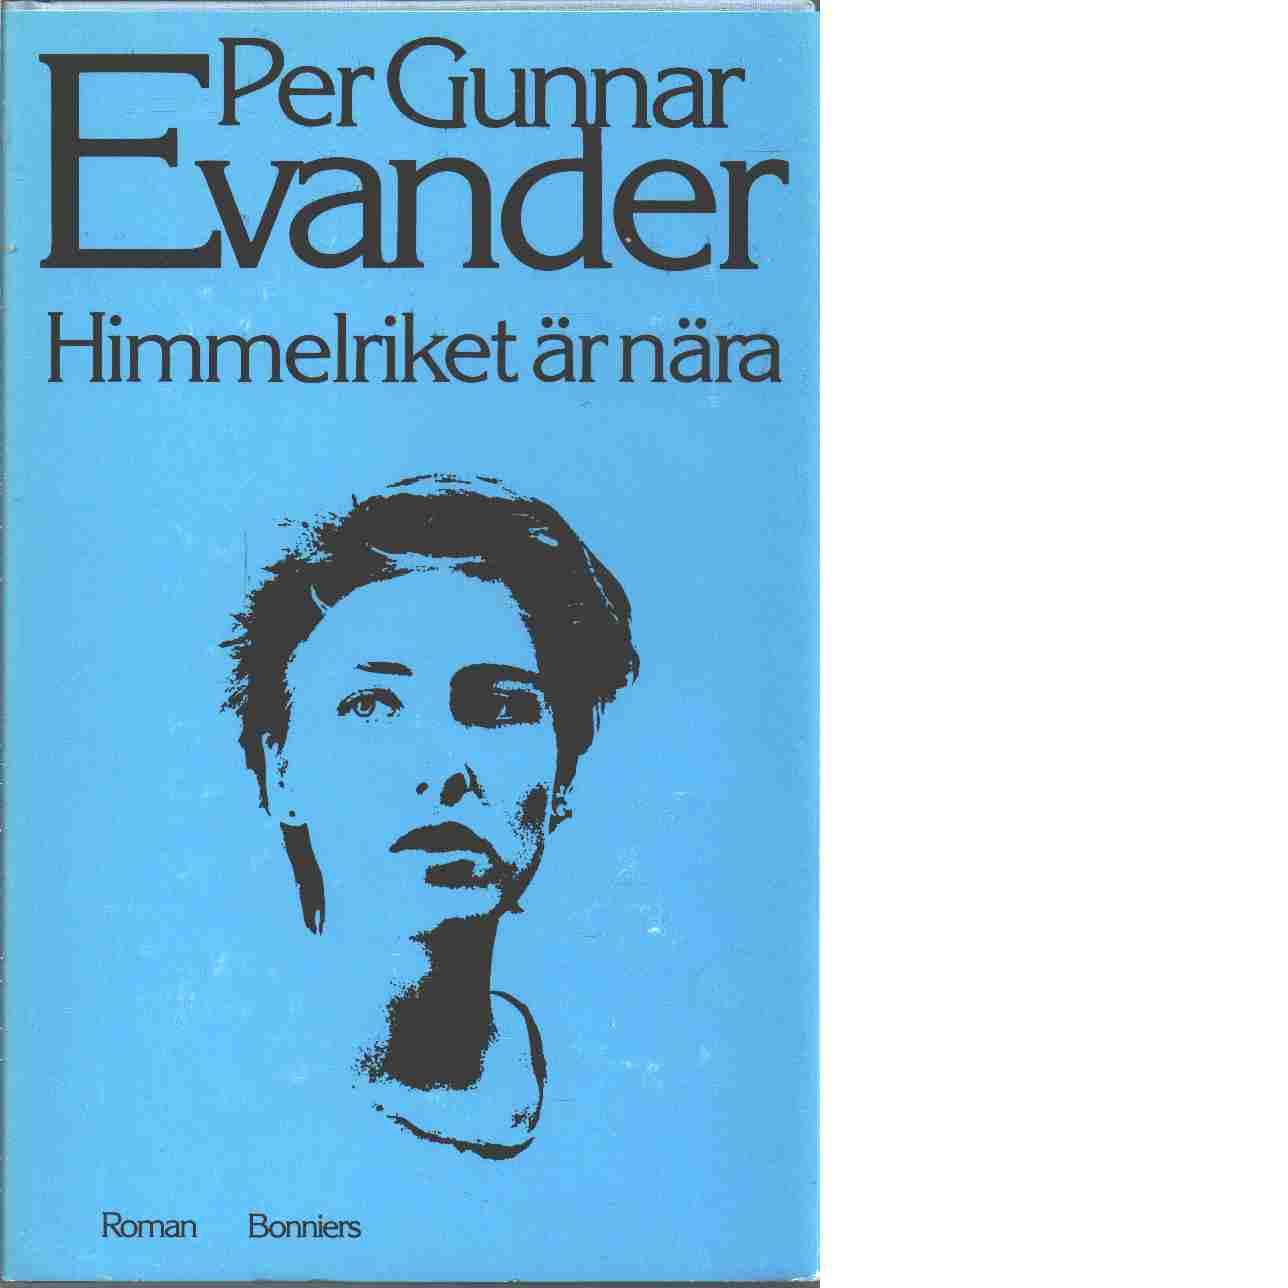 Himmelriket är nära - Evander, Per Gunnar